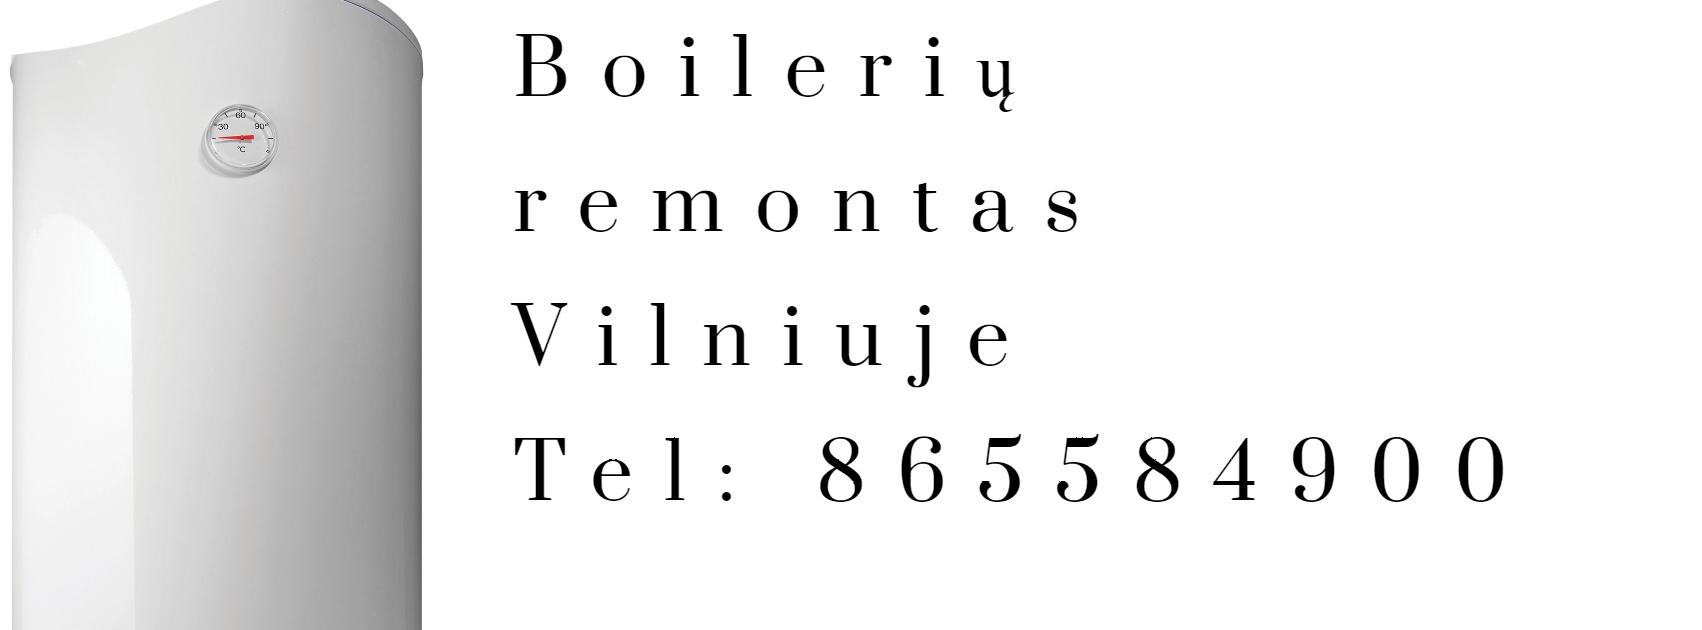 Boilerių remontas Vilniuje.jpg